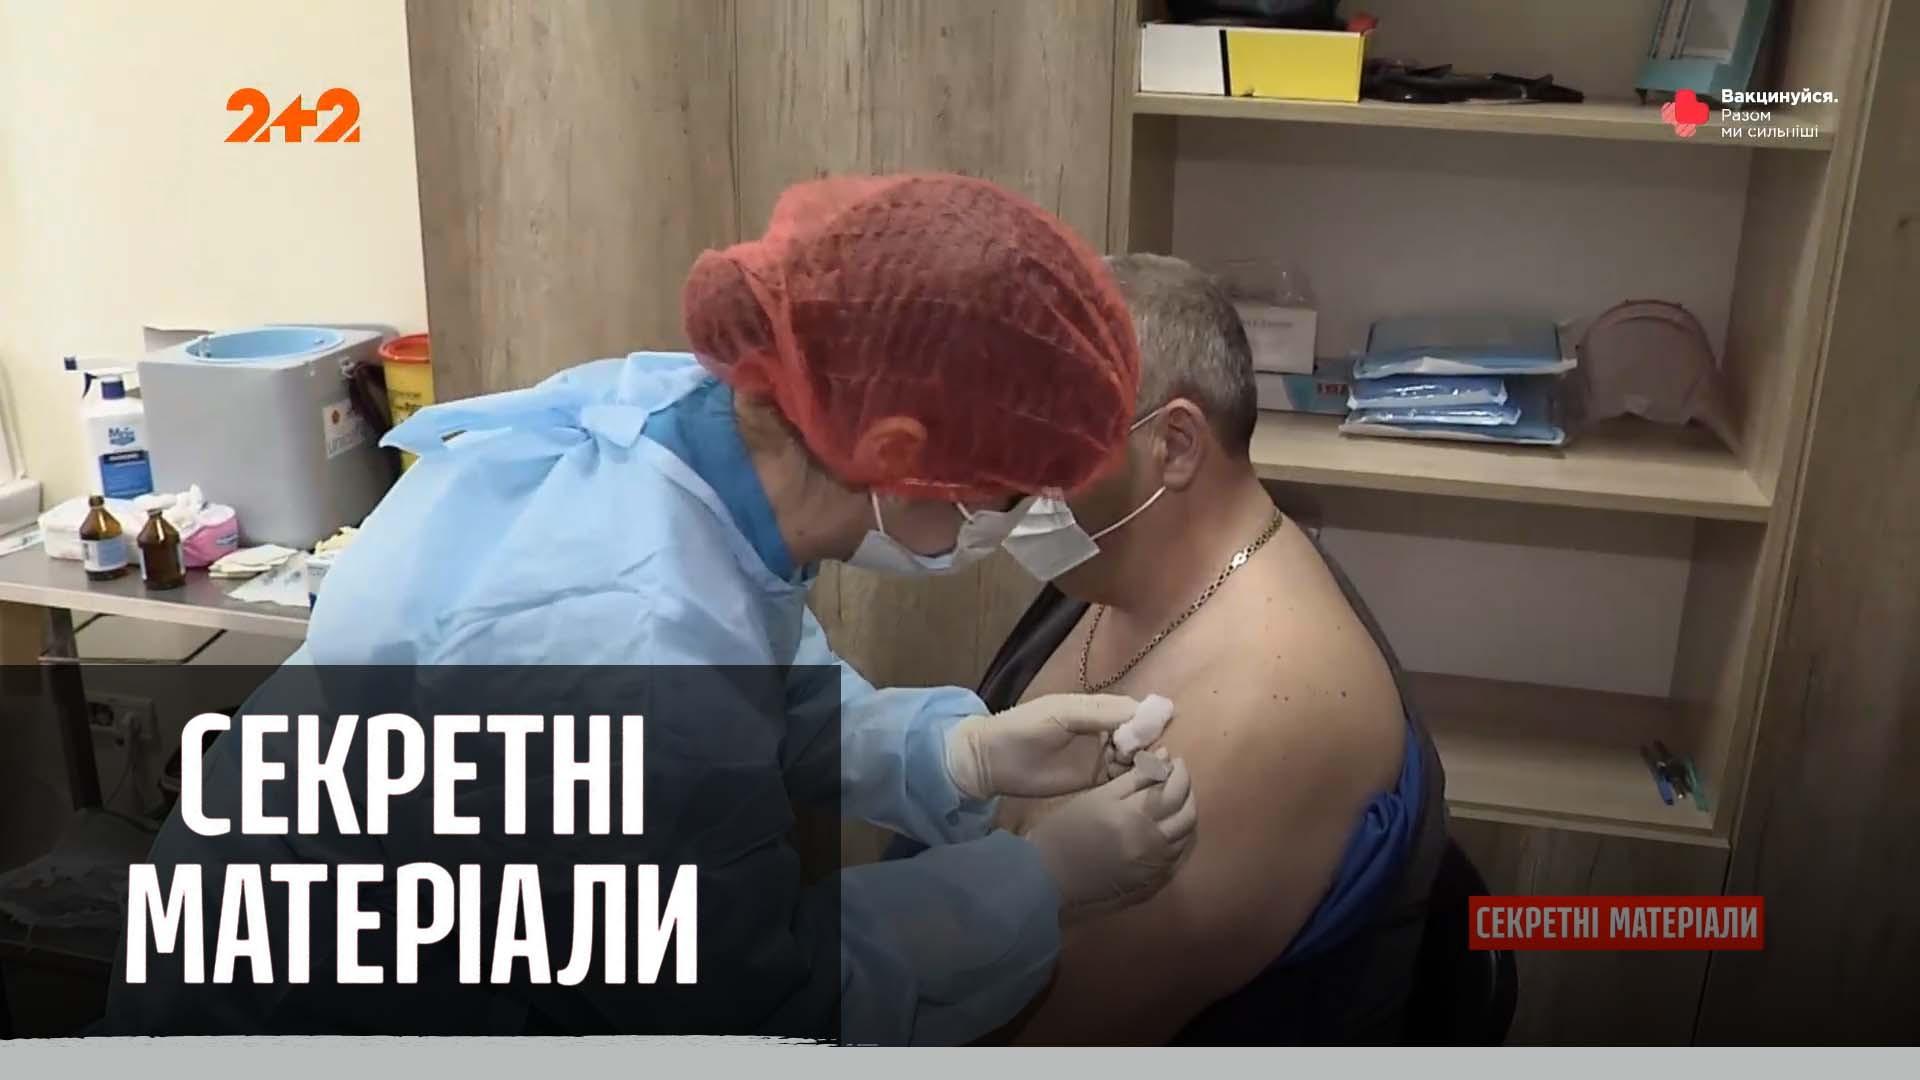 Вакцинобум в Україні – Секретні матеріали